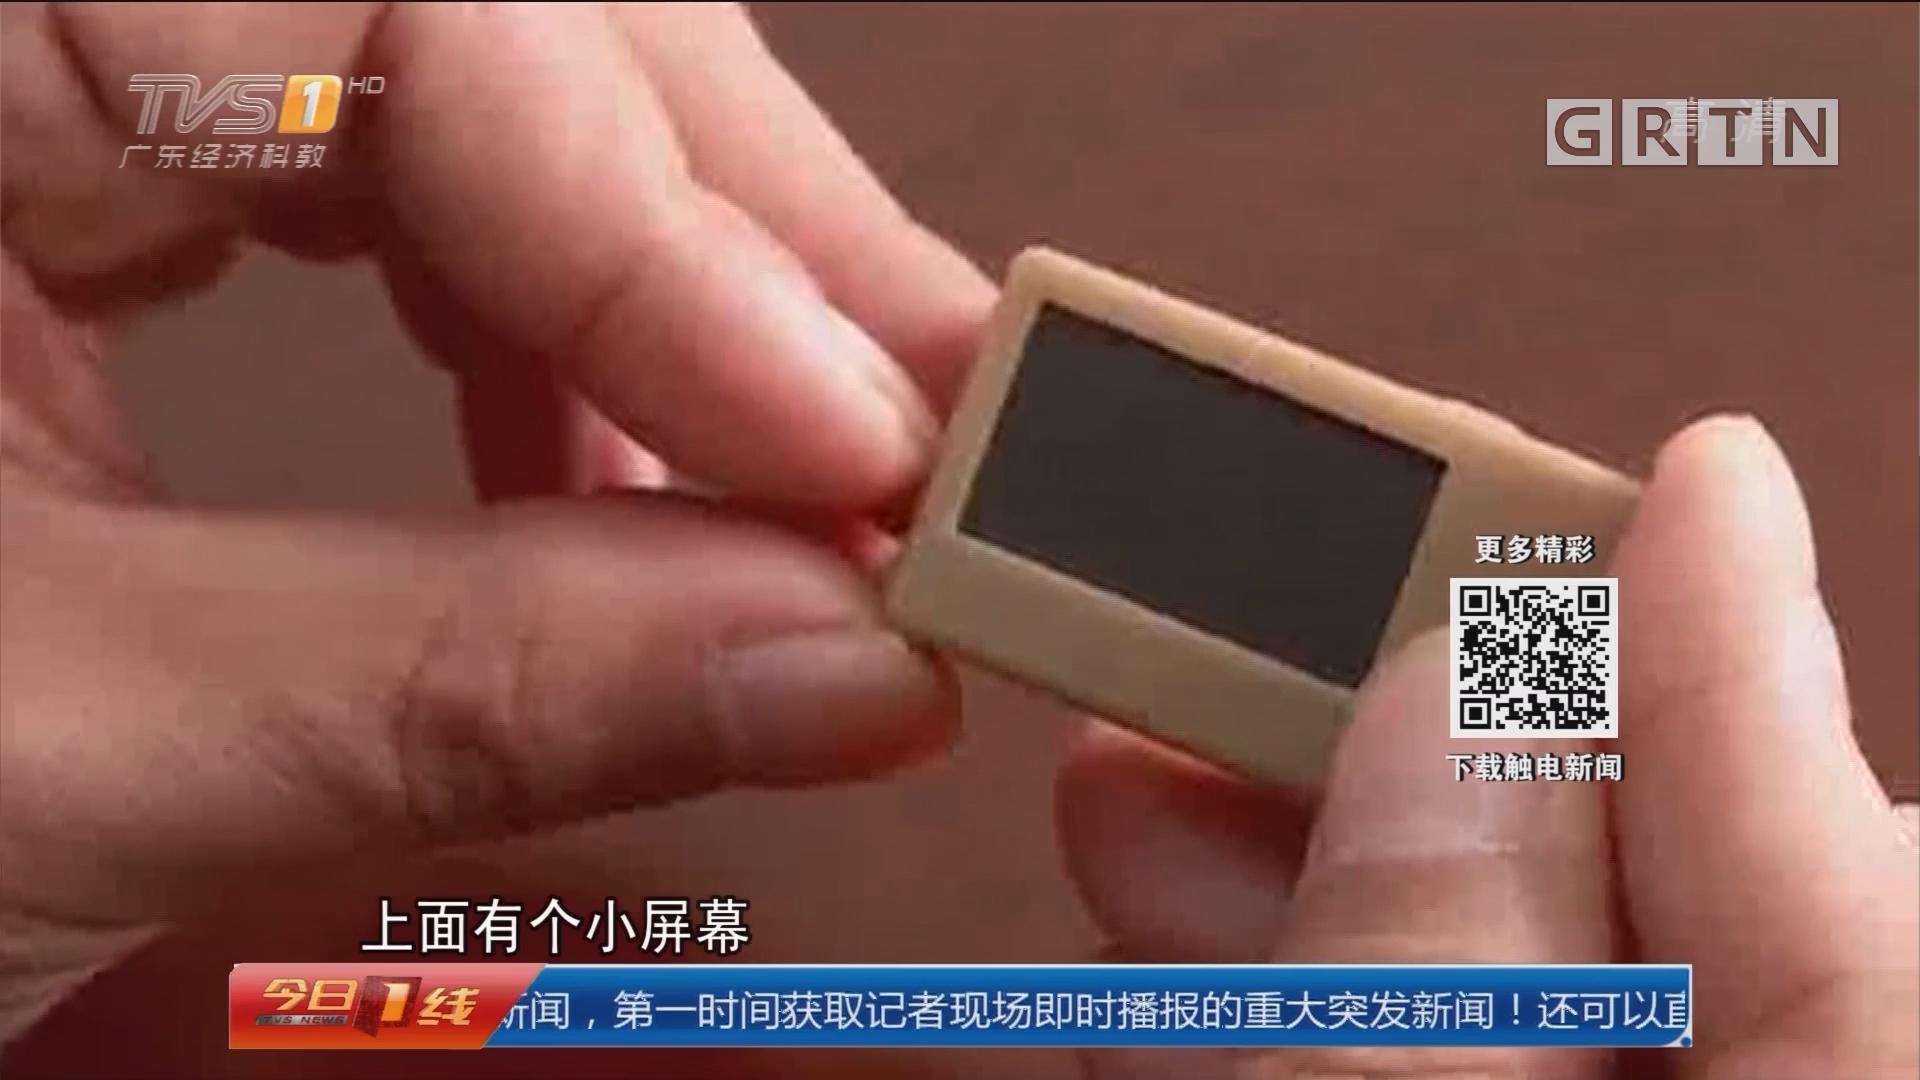 安徽淮南:作弊器伪装成橡皮 考生集体作弊被抓